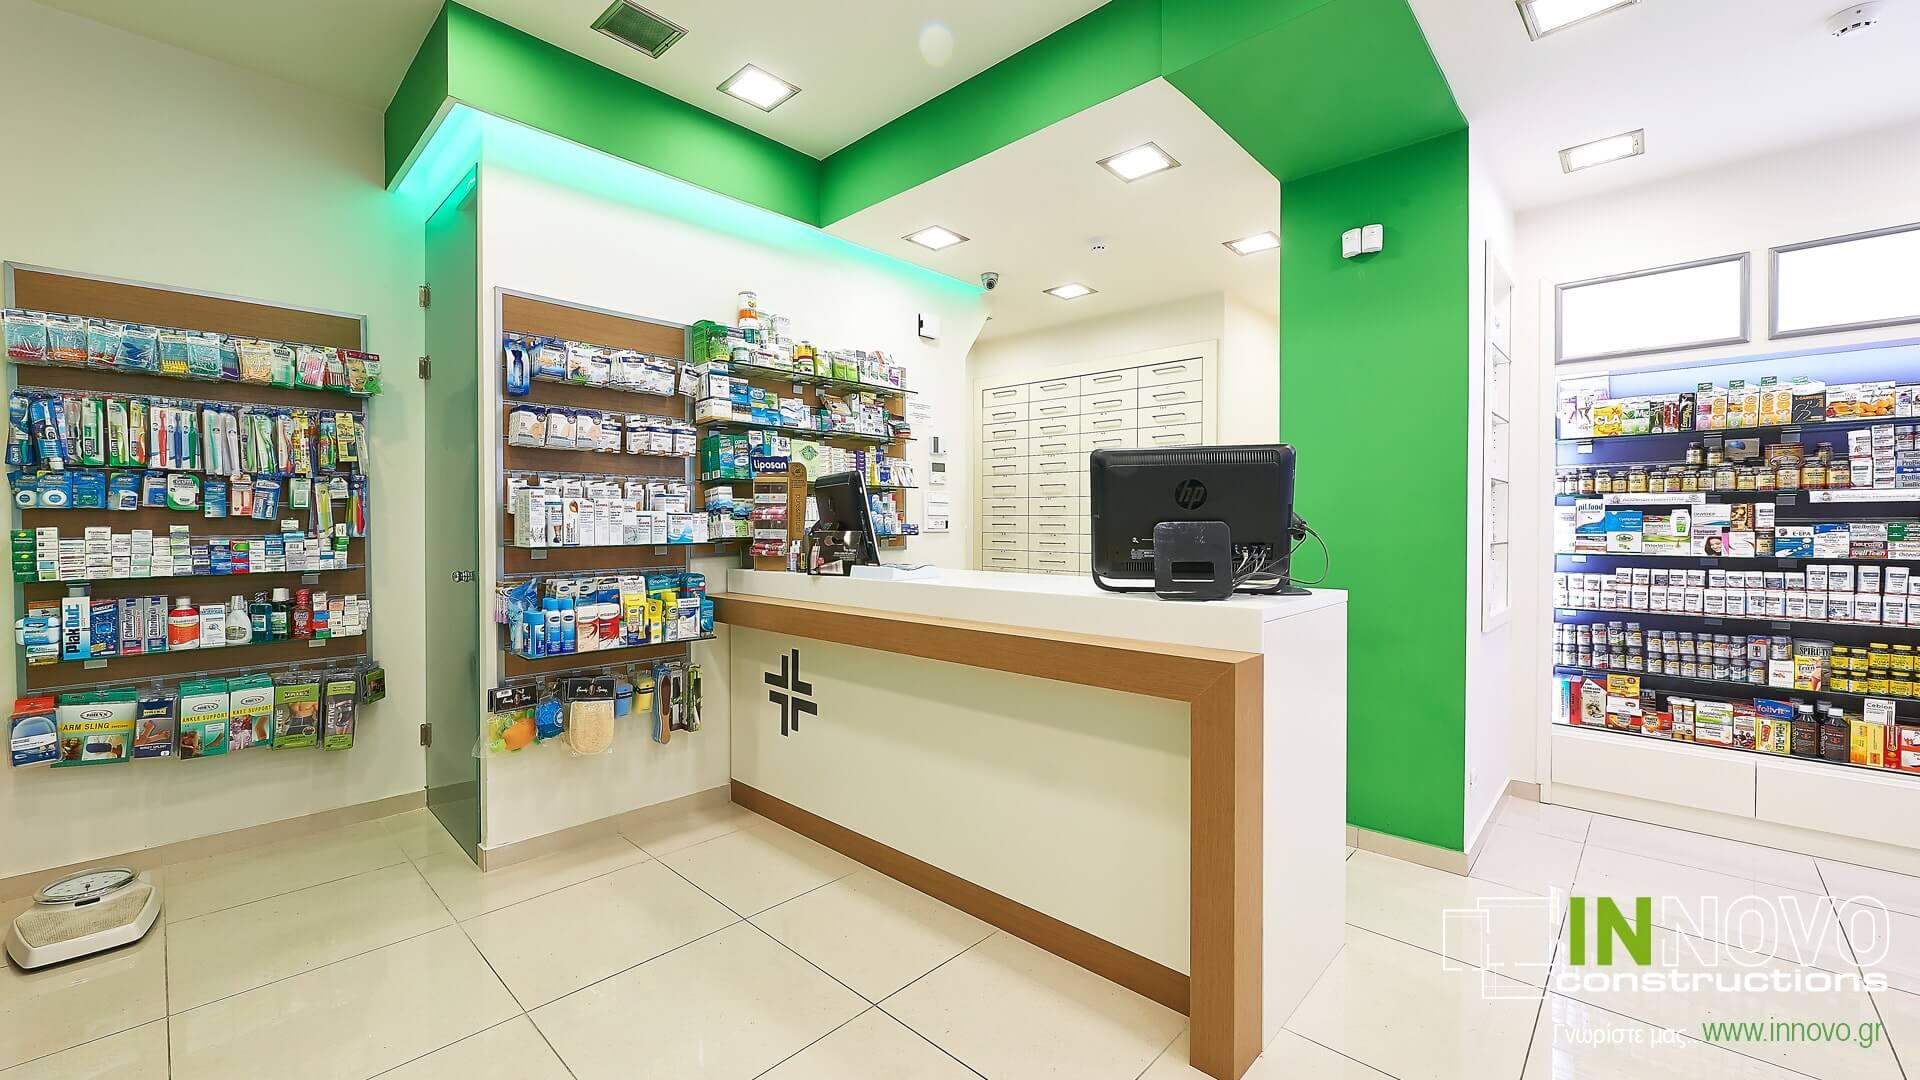 Διακοσμήσεις φαρμακείων στο Κολωνάκι από την Innovo